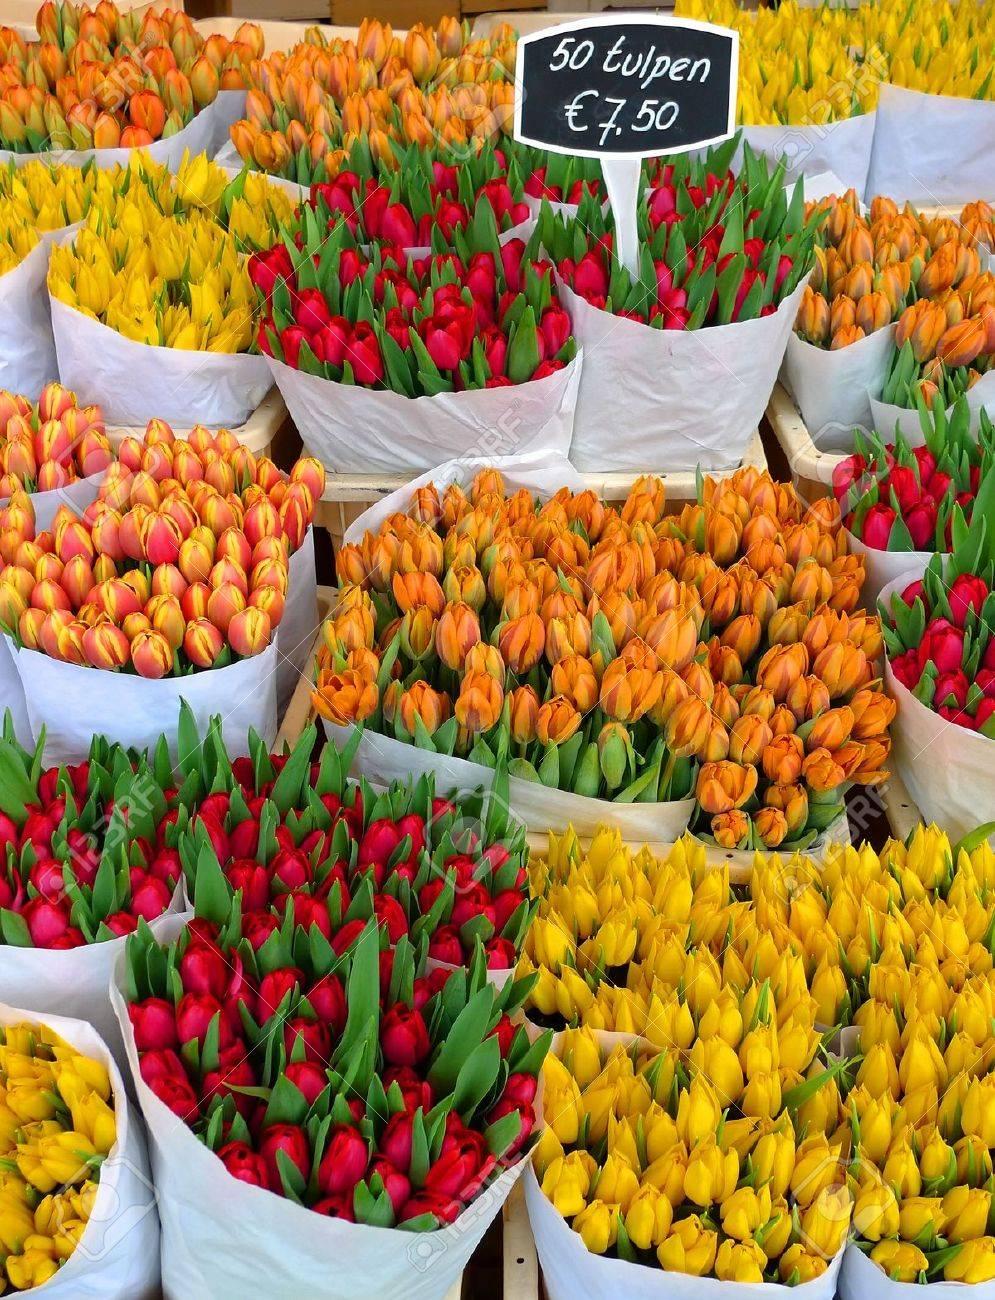 Bunte Tulpen auf Verkauf in Amsterdam Blumenmarkt Standard-Bild - 6509286